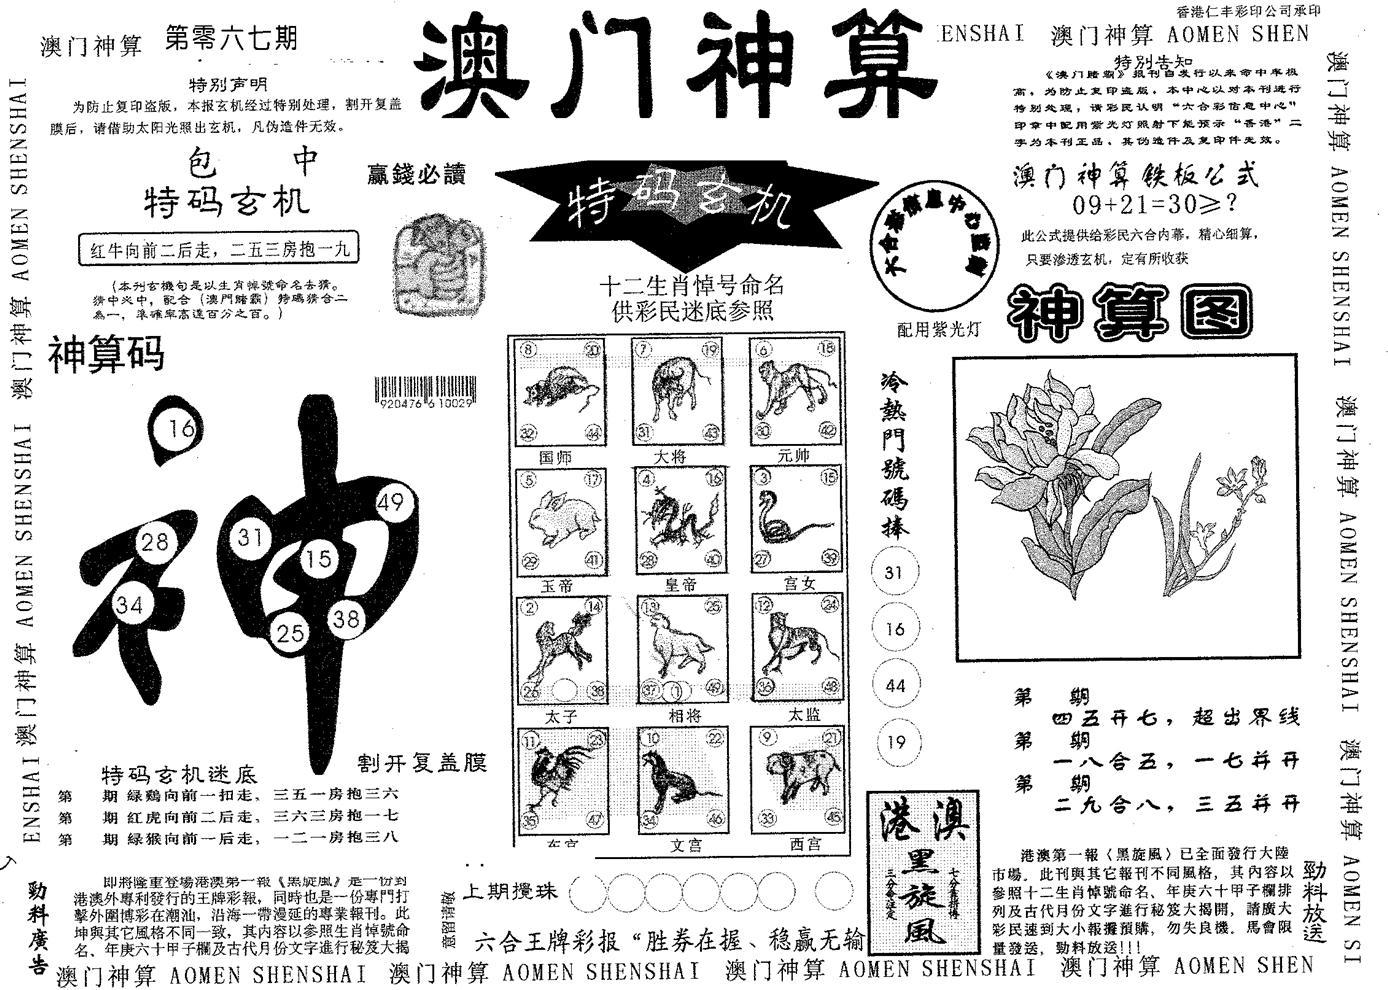 067期澳门神算(黑白)